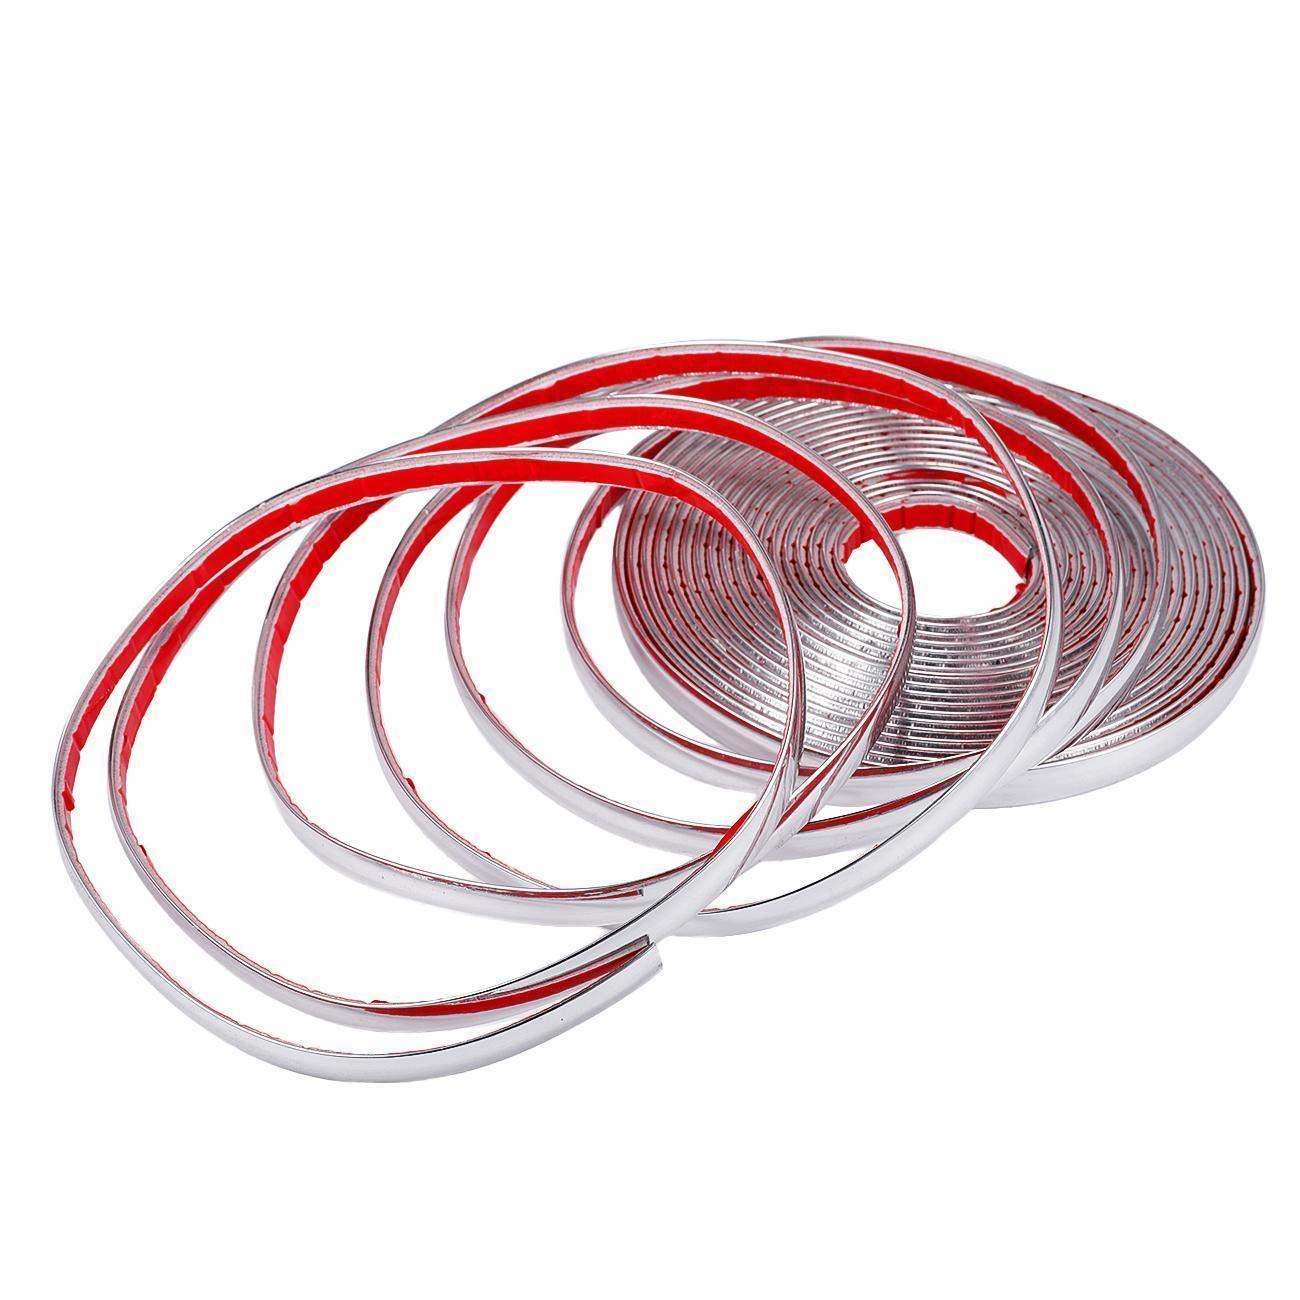 Gaosheng Chrome Moulure d/écorative autocollante 10 mm x 15 m autocollante universelle pour voiture bandes flexibles en plastique pour d/écoration de fen/être de voiture bandes chrom/ées